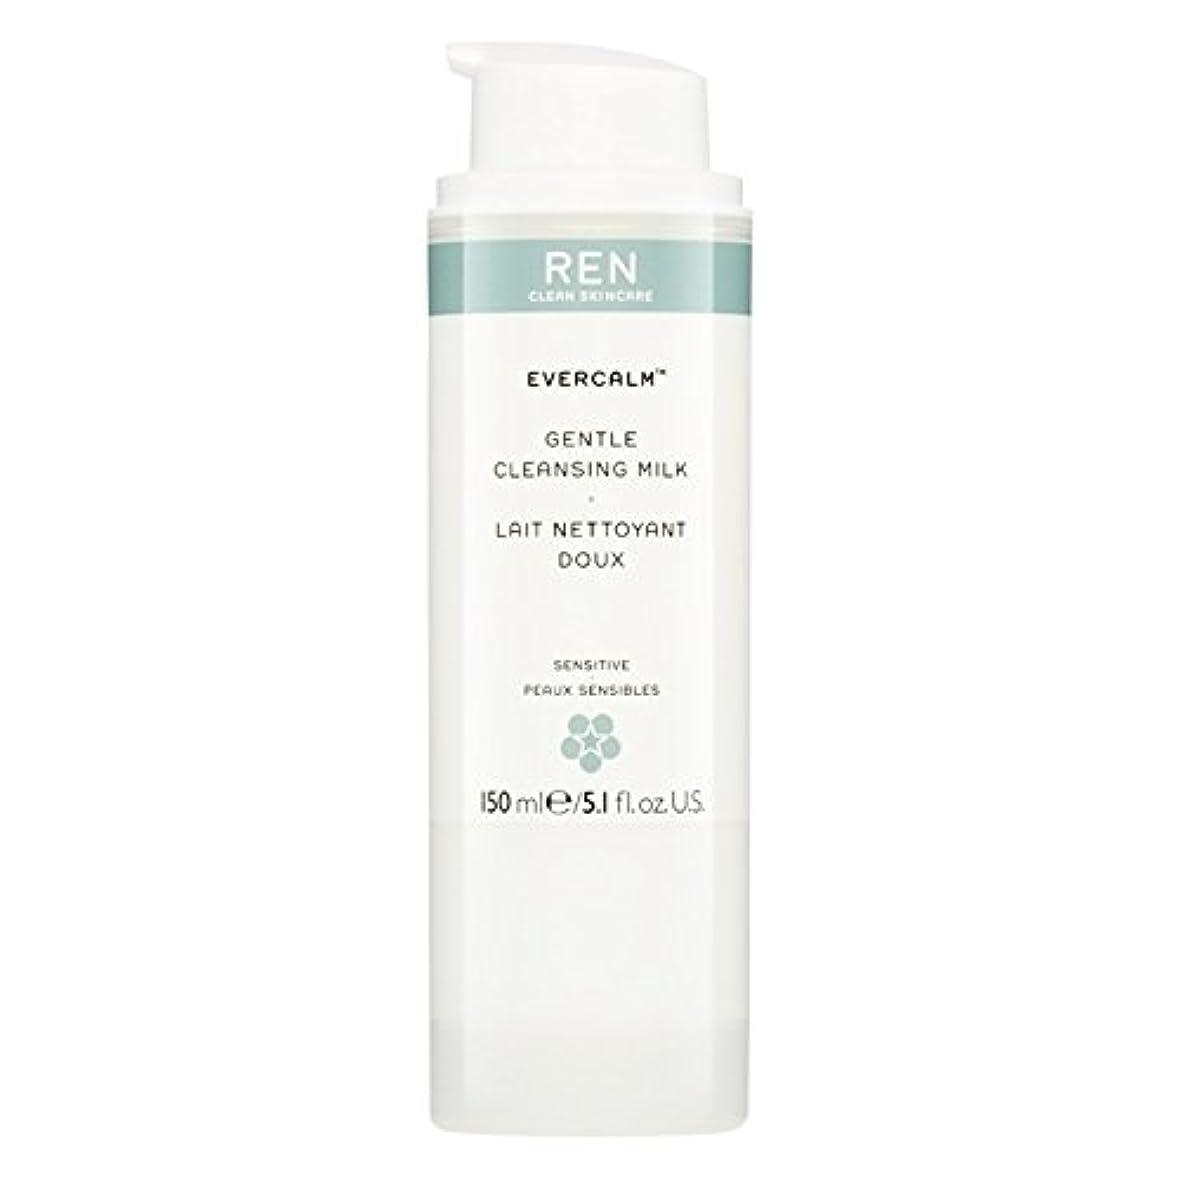 成熟ほぼ銛Ren Evercalm優しいクレンジングミルク、150ミリリットル (REN) (x6) - REN Evercalm Gentle Cleansing Milk, 150ml (Pack of 6) [並行輸入品]